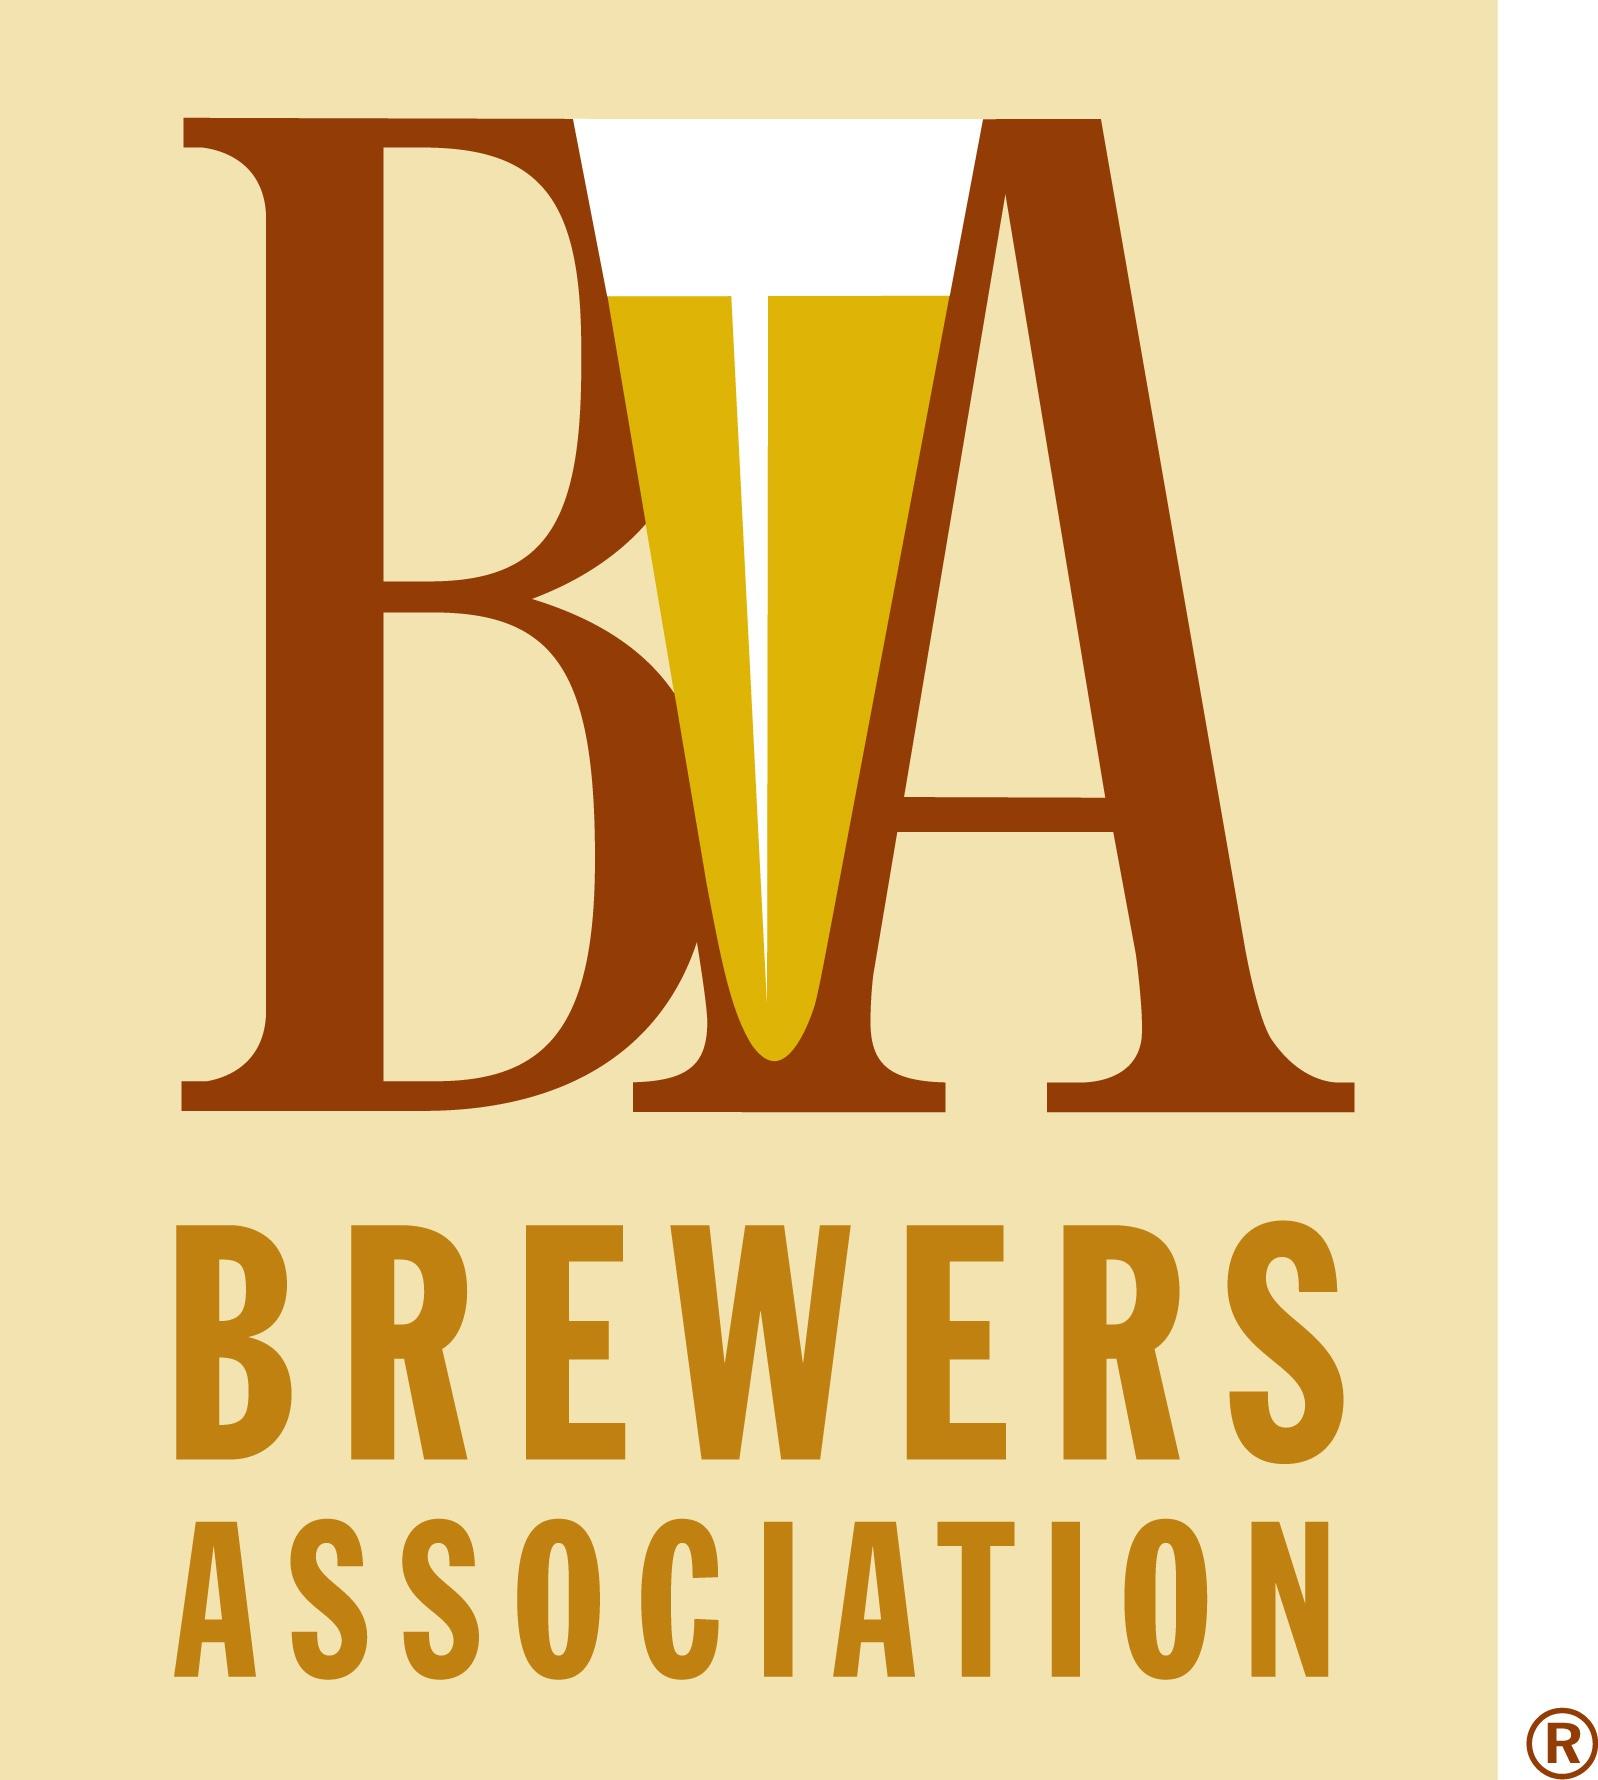 Brewers-Association.jpg